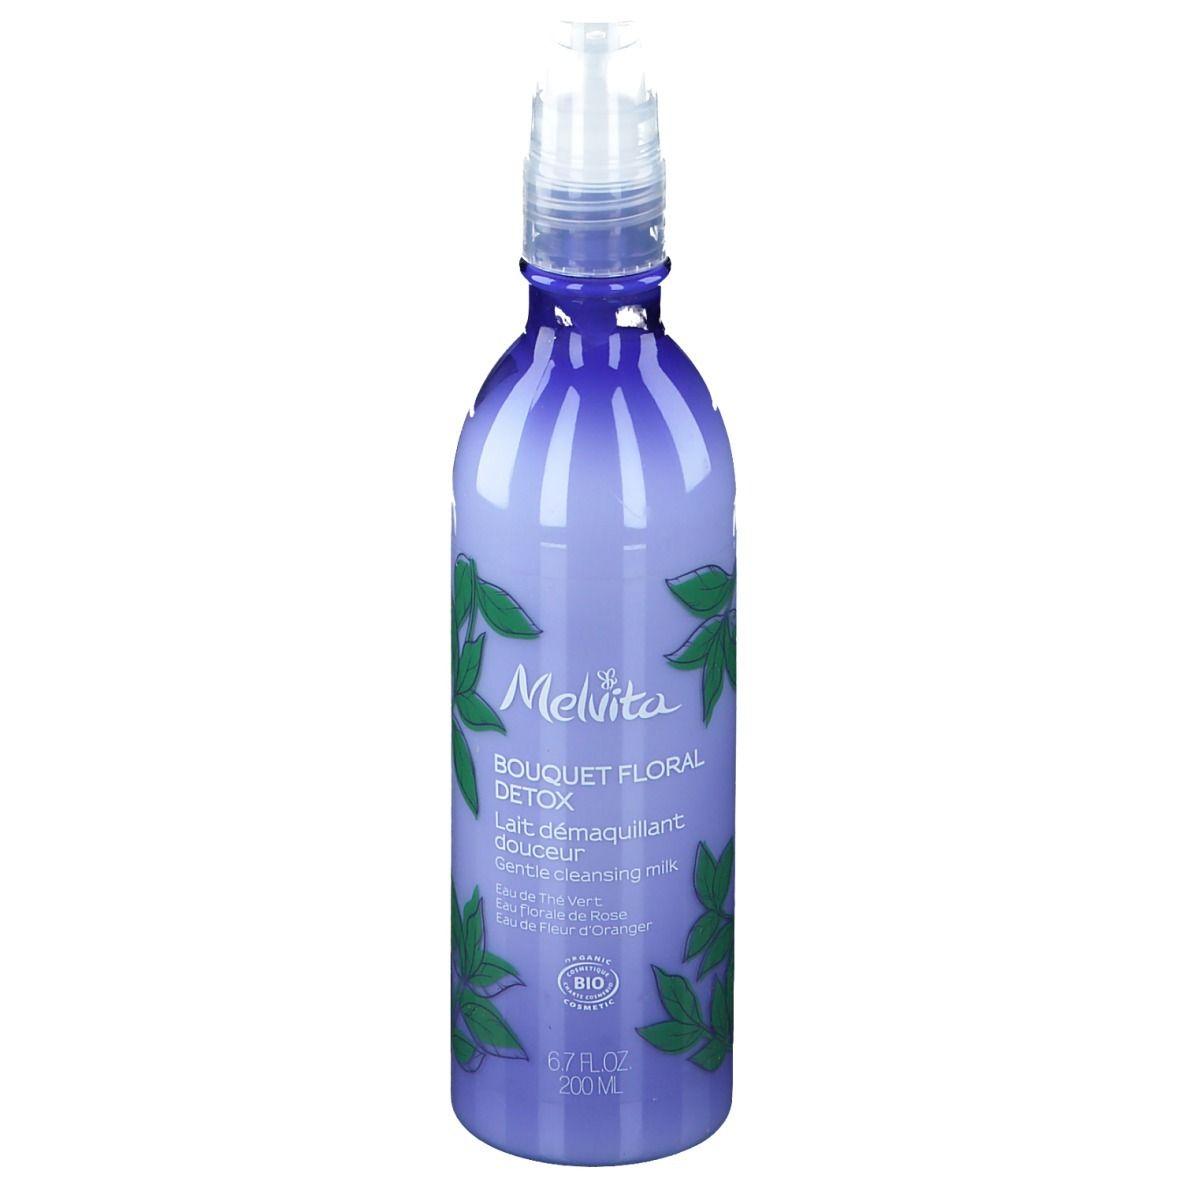 Melvita Bouquet Floral Detox Lait démaquillant douceur Bio Visage ml lait